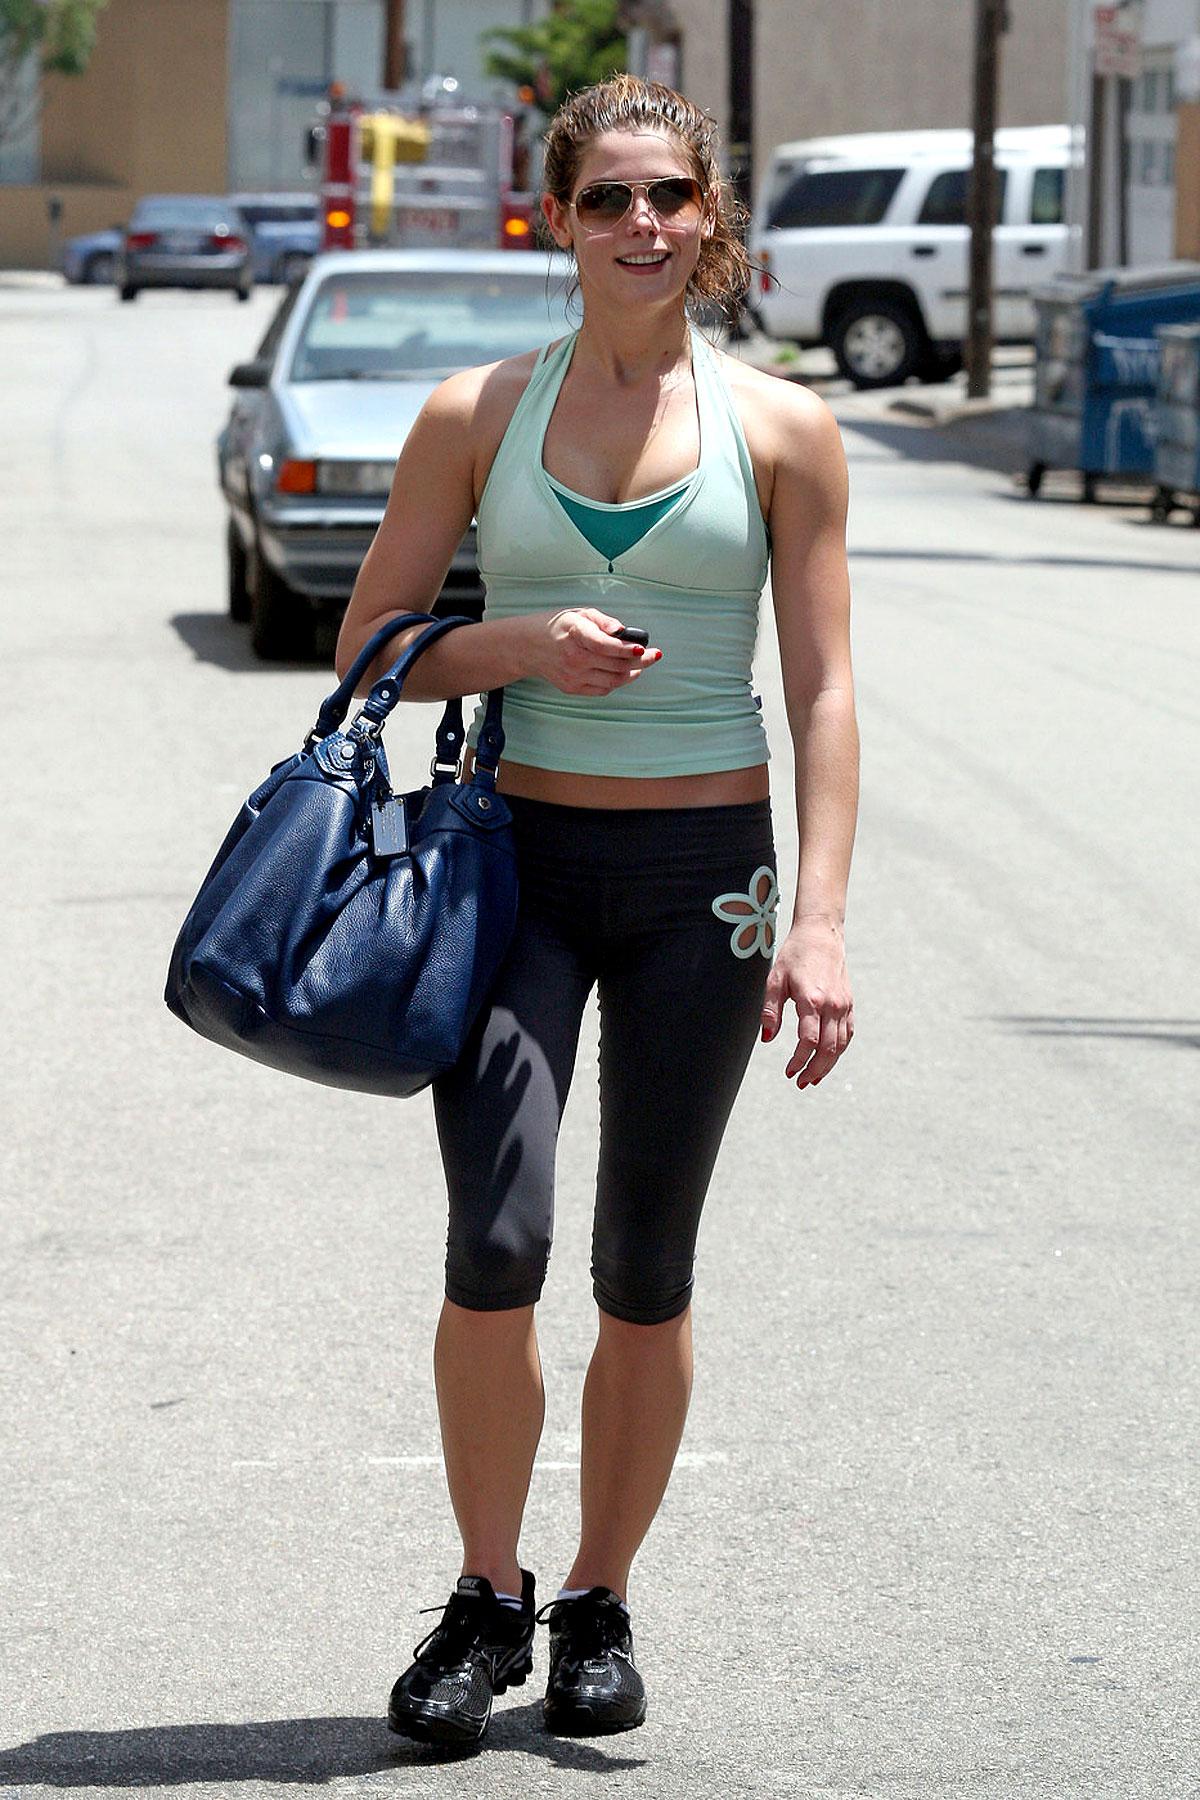 Ashley Greene Is a Gym Dandy (PHOTOS)